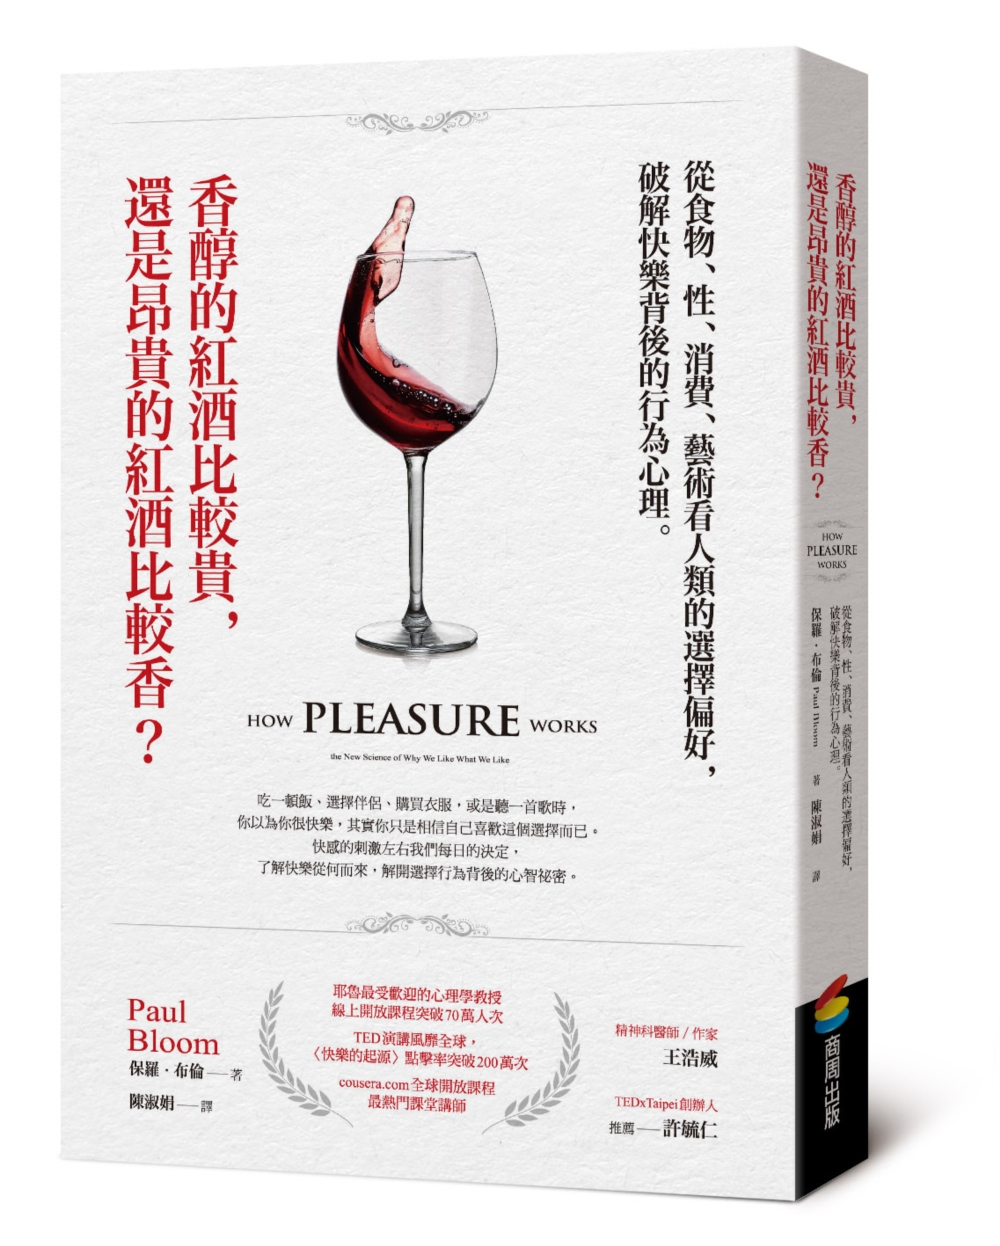 香醇的紅酒比較貴,還是昂貴的紅...